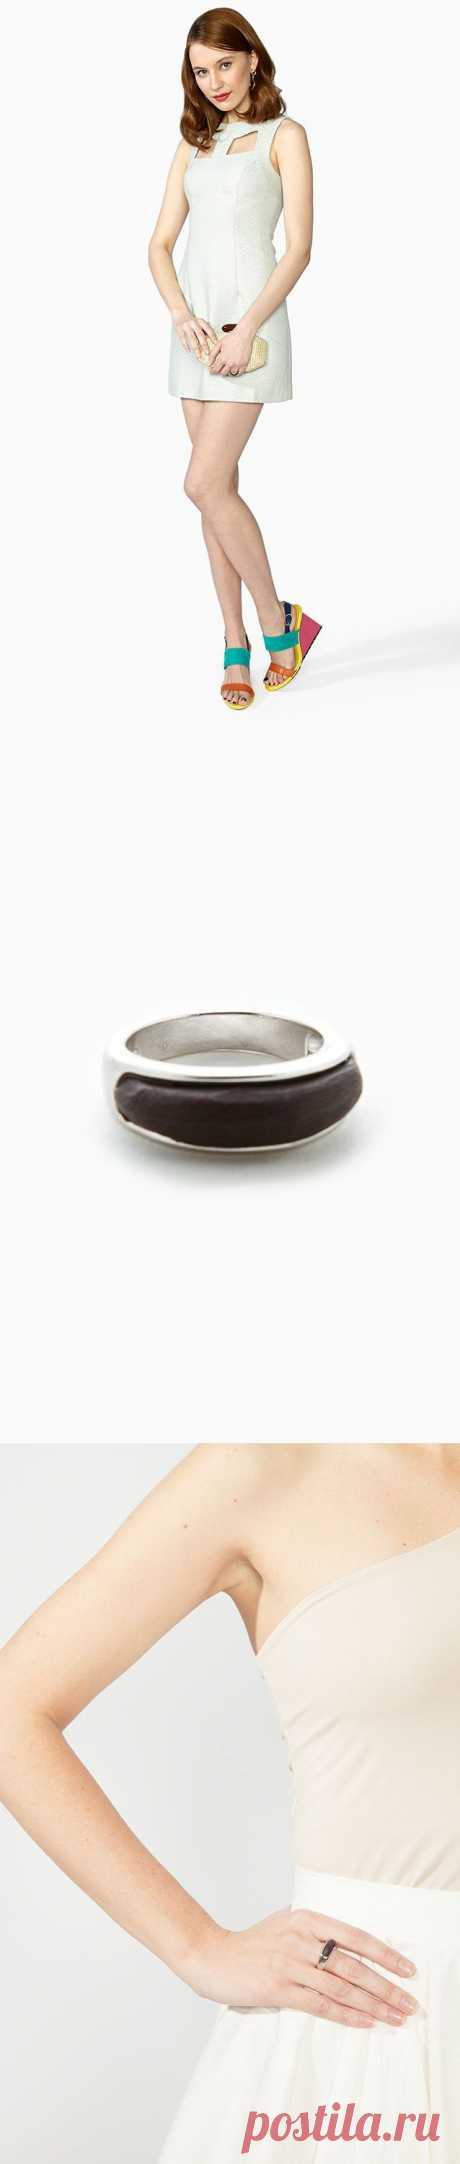 Необычное кольцо от бренда JewelBean. Модель-обруч, изготовлена из металла с серебристым покрытием и украшена вставкой цвета «темный дуб». Купить за 480 руб